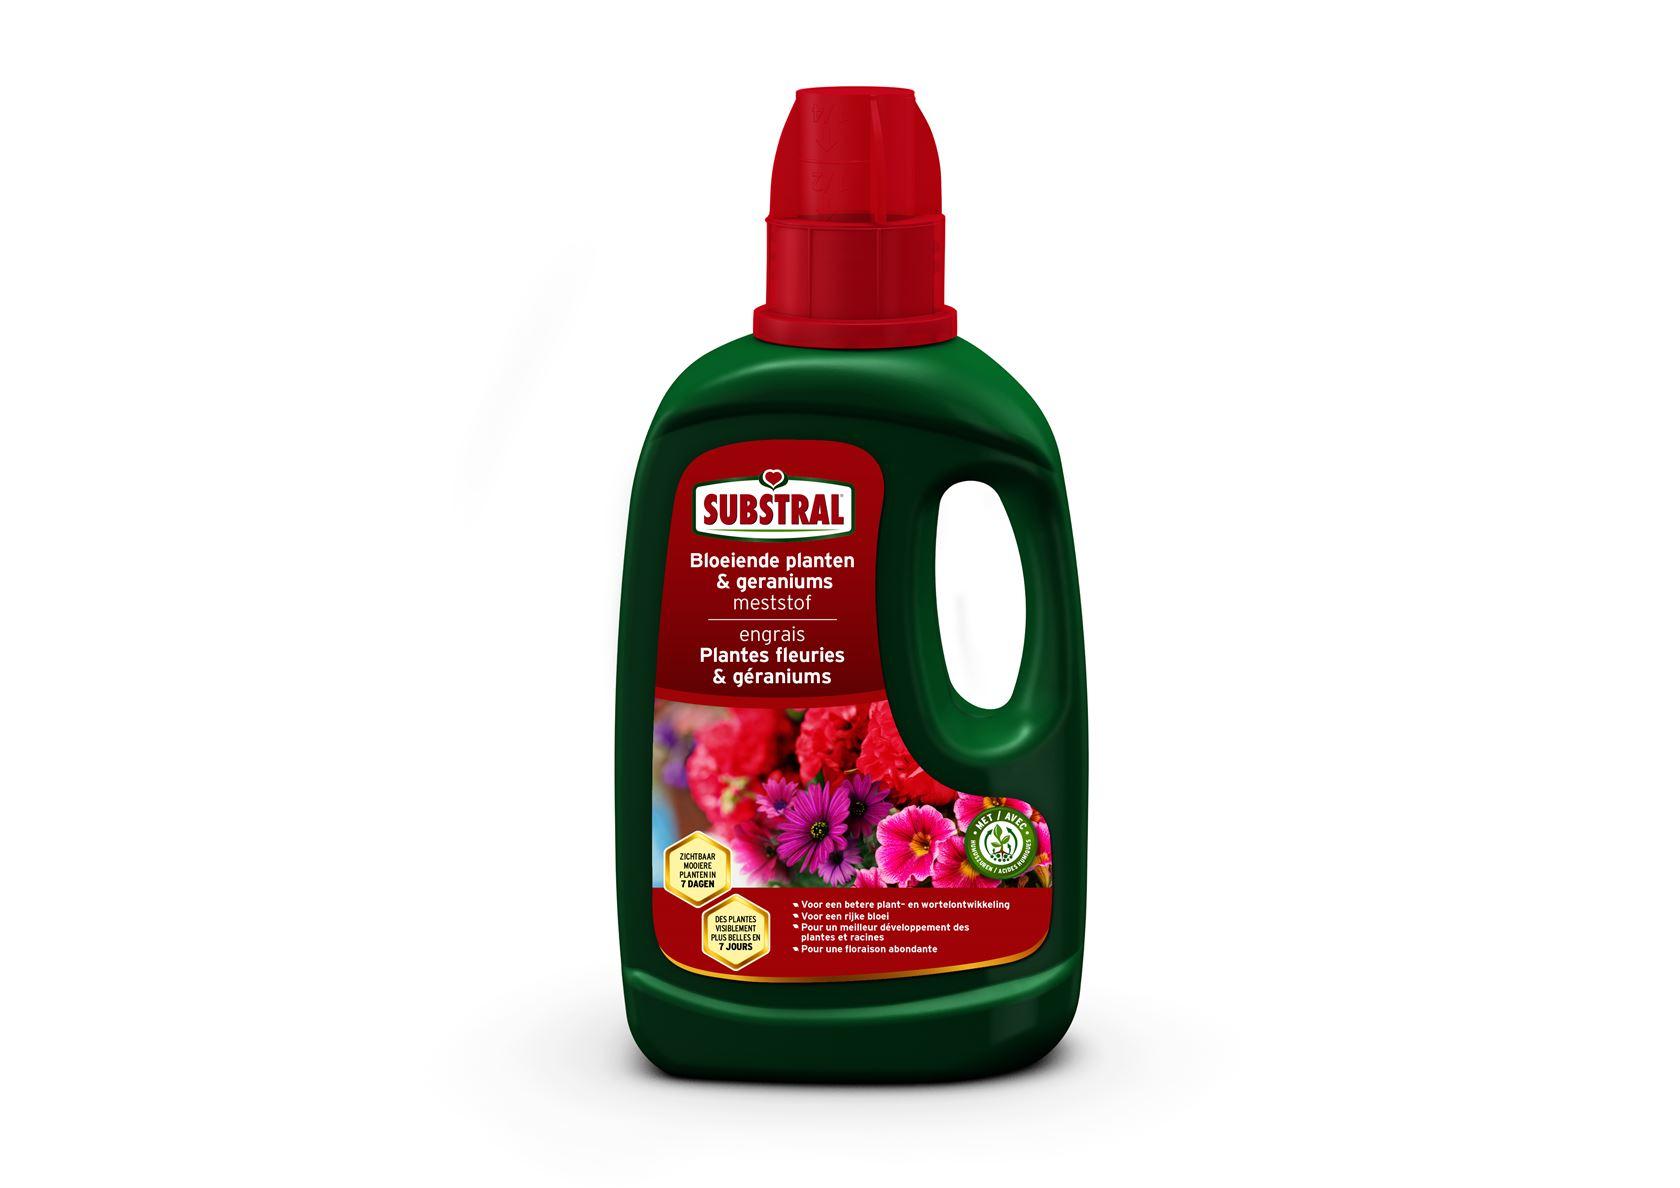 Substral-Meststof-Voor-Bloeiende-Planten-En-Geraniums-500ml